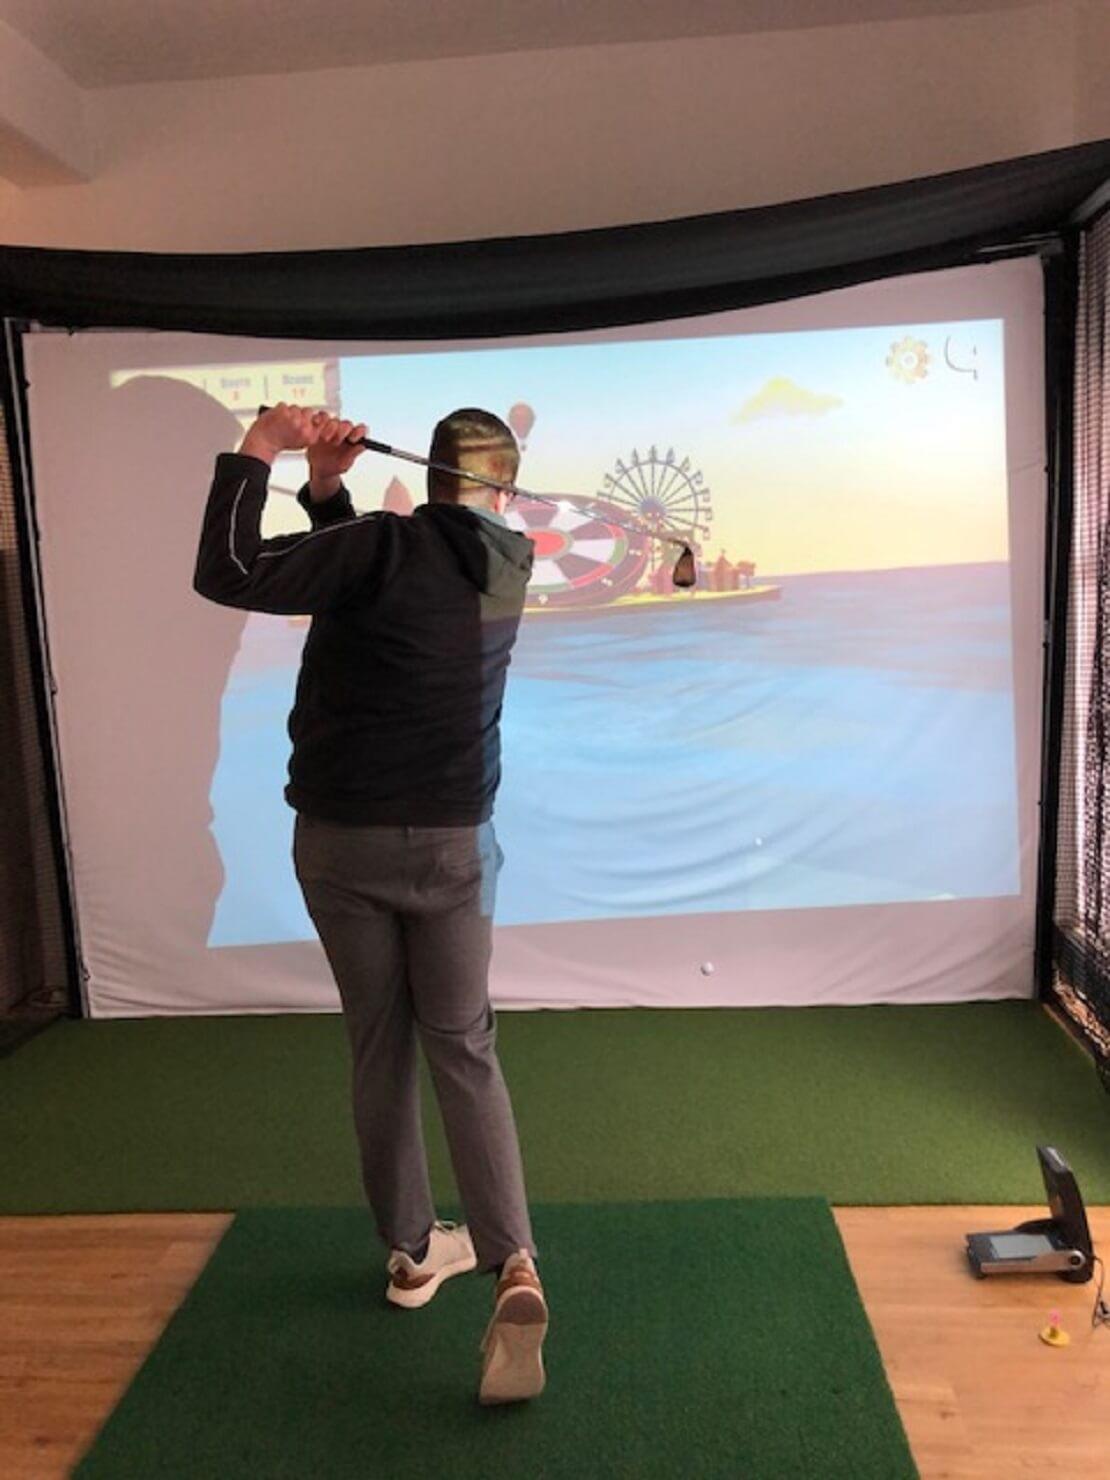 Golfer vor einem Golfsimulator spielt den Ball auf eine Dartscheibe